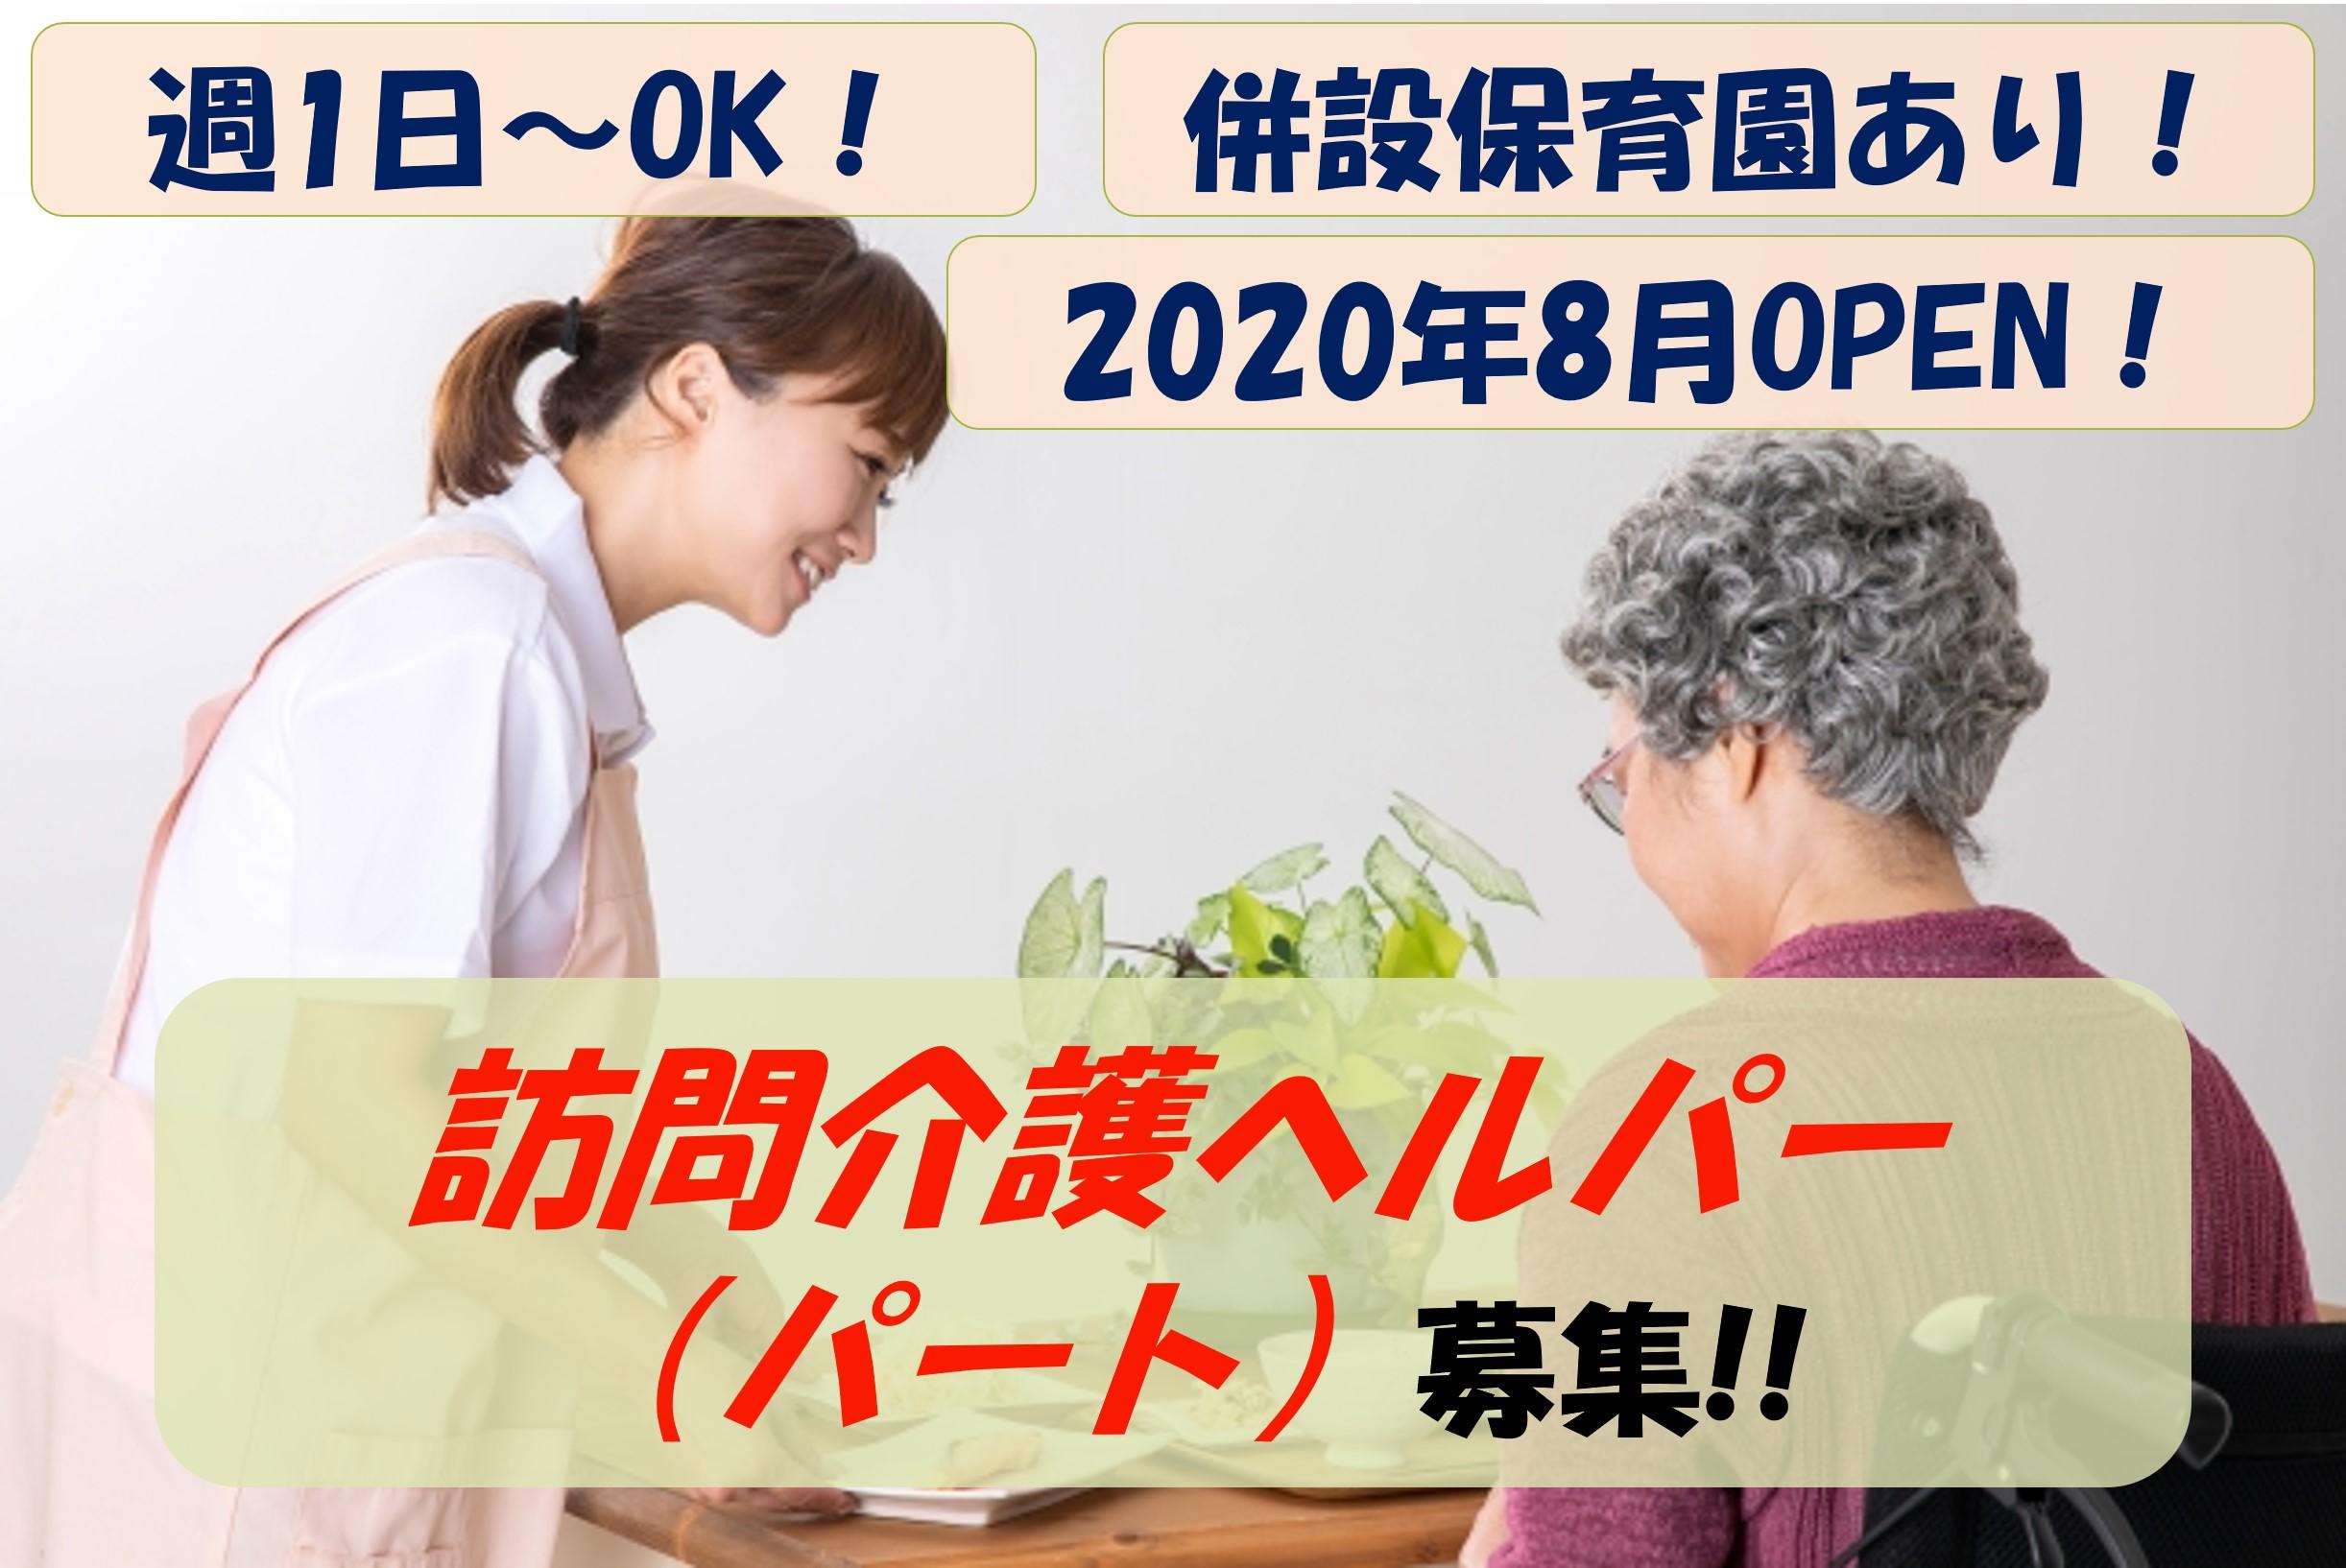 【急募】週1日~OK!併設保育園あり!訪問介護ヘルパー(パート)募集 イメージ